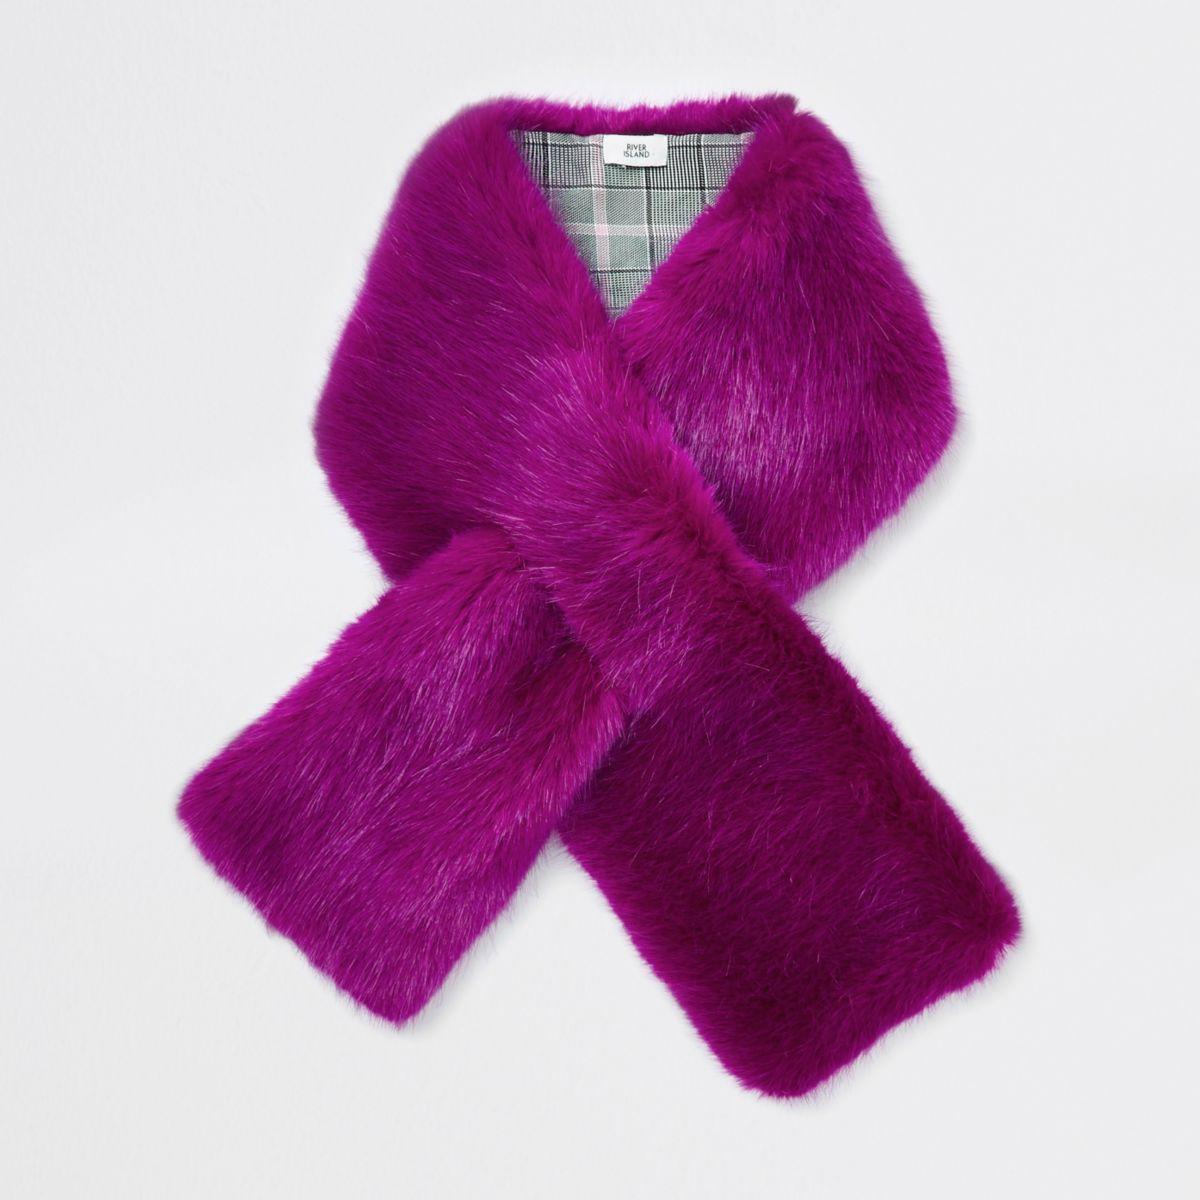 Bright pink faux fur shawl scarf